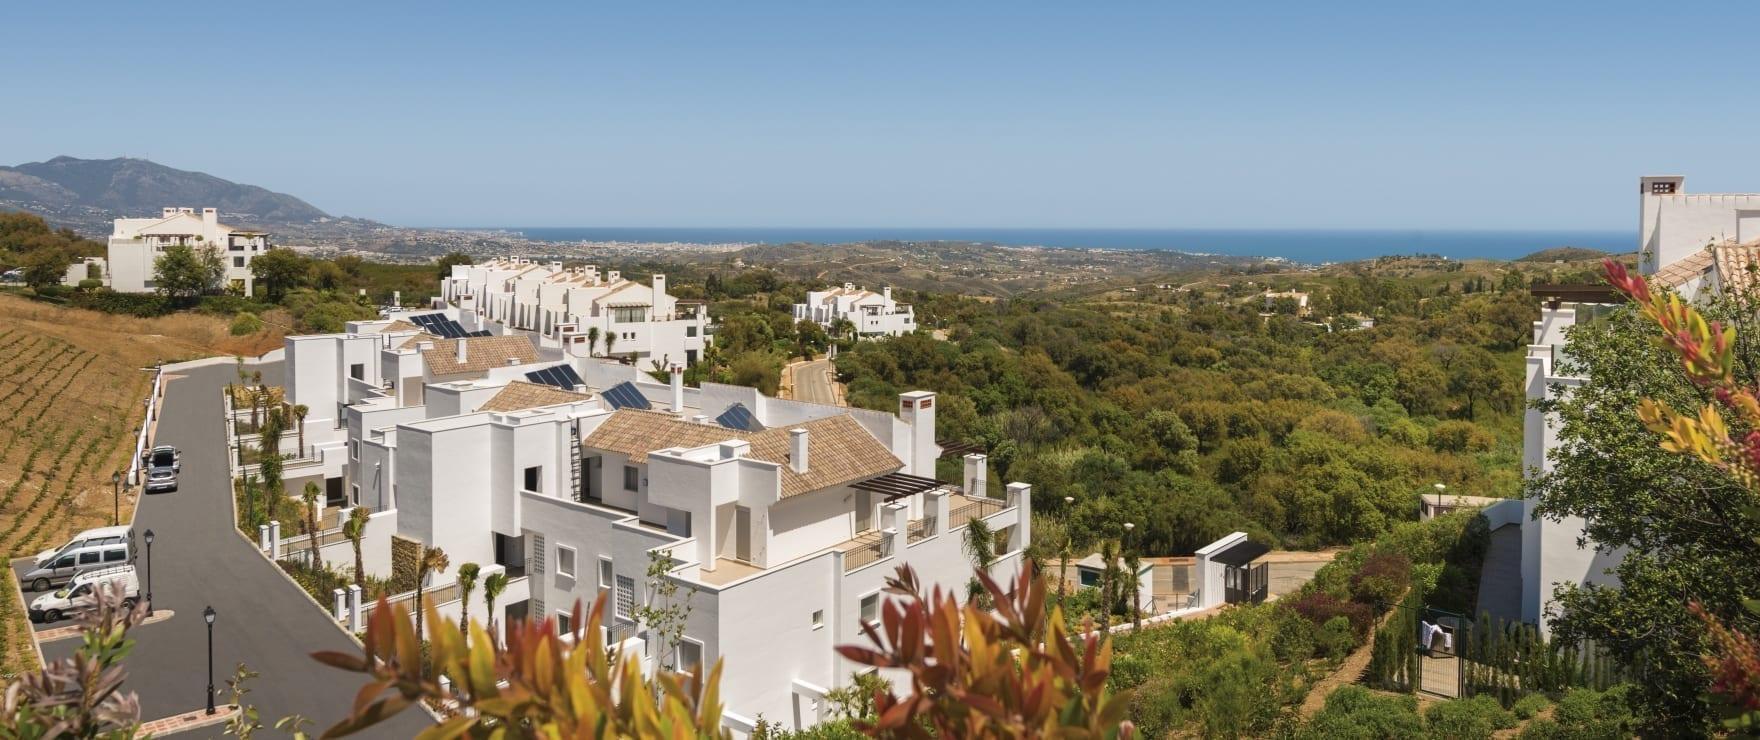 La Floresta Sur - Elviria, Marbella (Malaga)